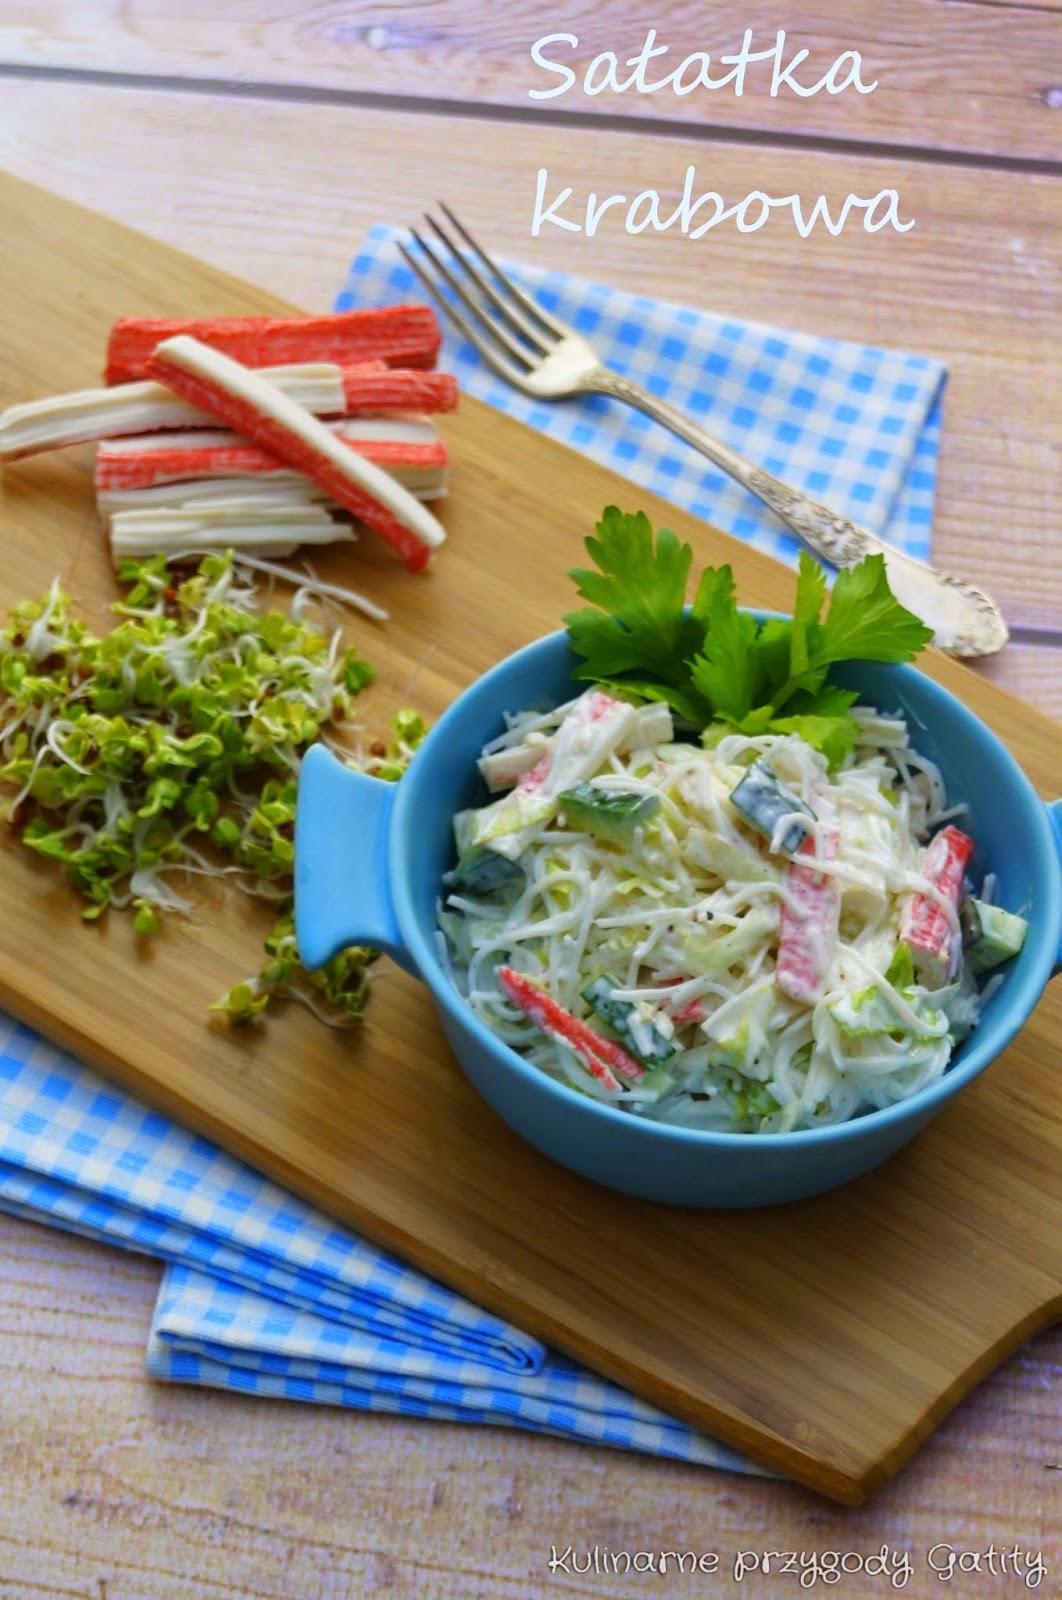 salatka-widok-z-gory